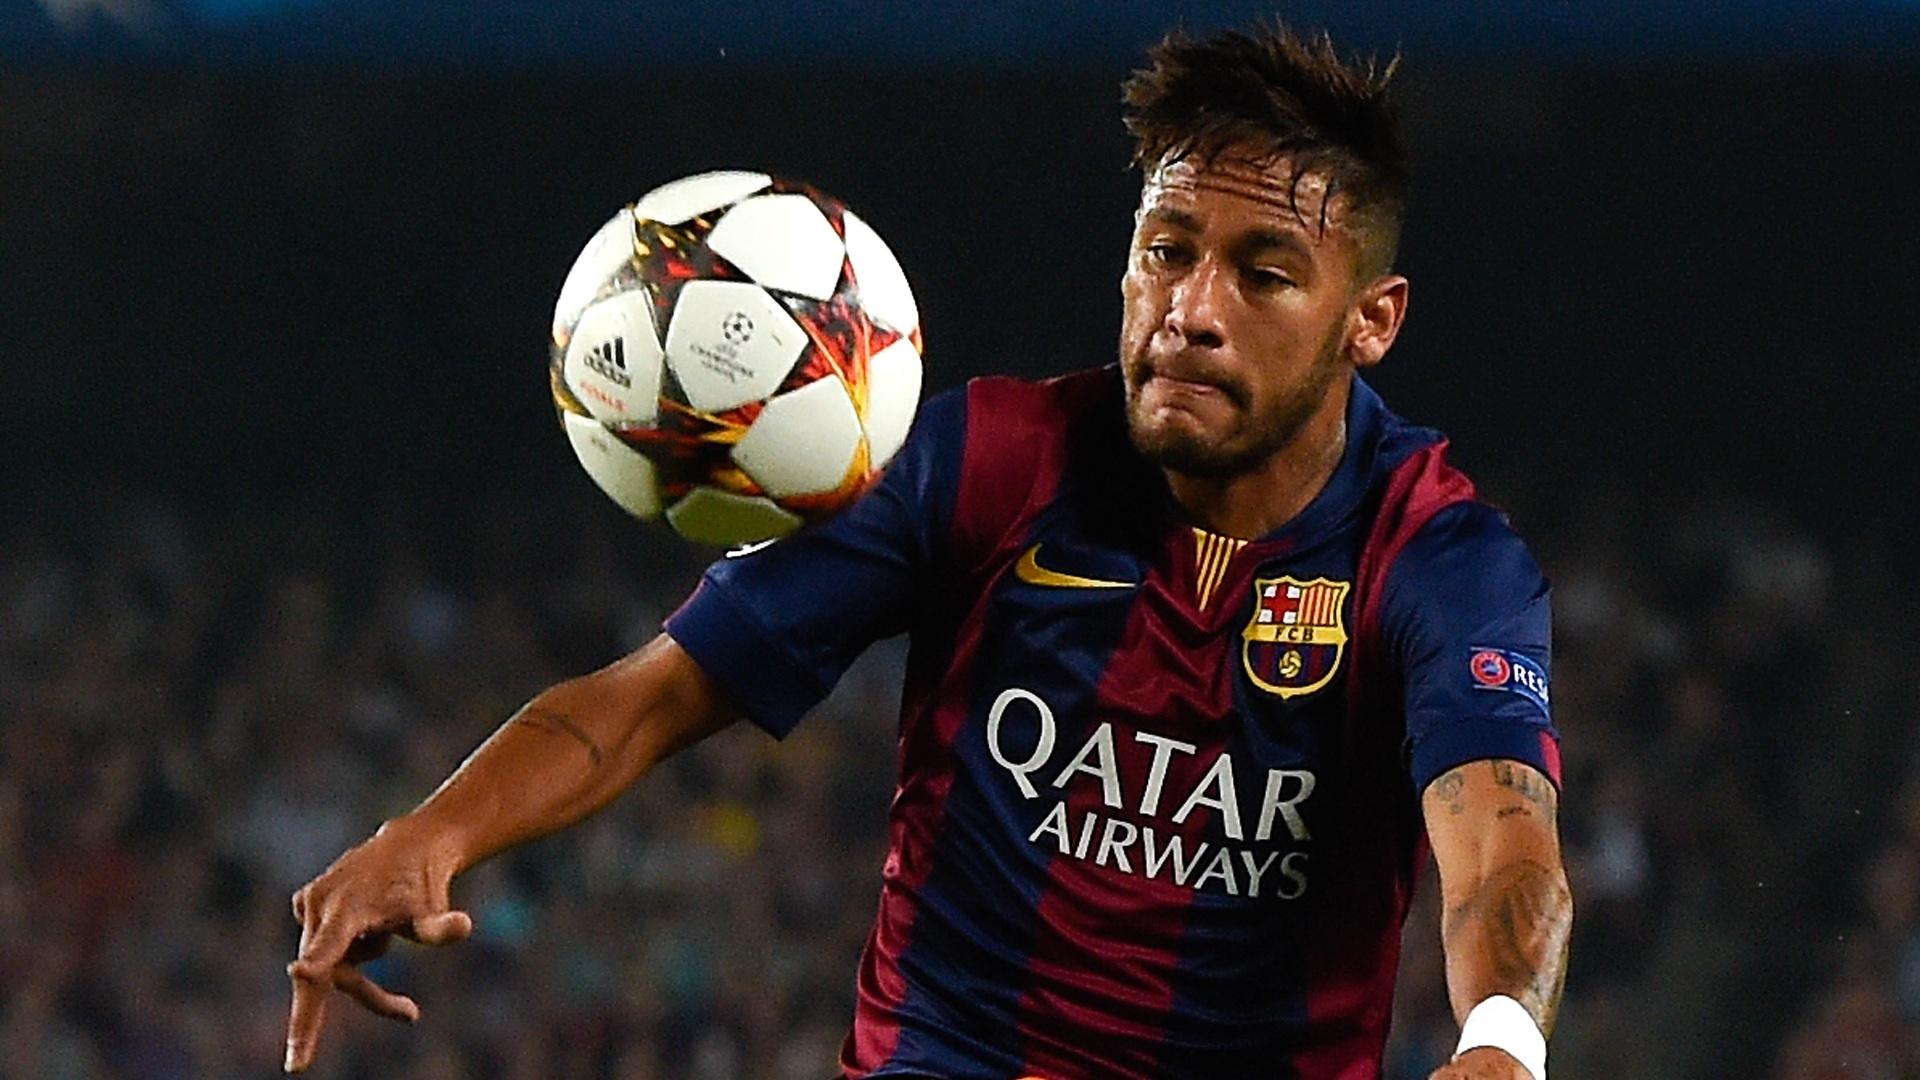 Neymar, atacante do Barcelona, se estica para dominar a bola na partida contra o Ajax, pela Liga dos Campeões